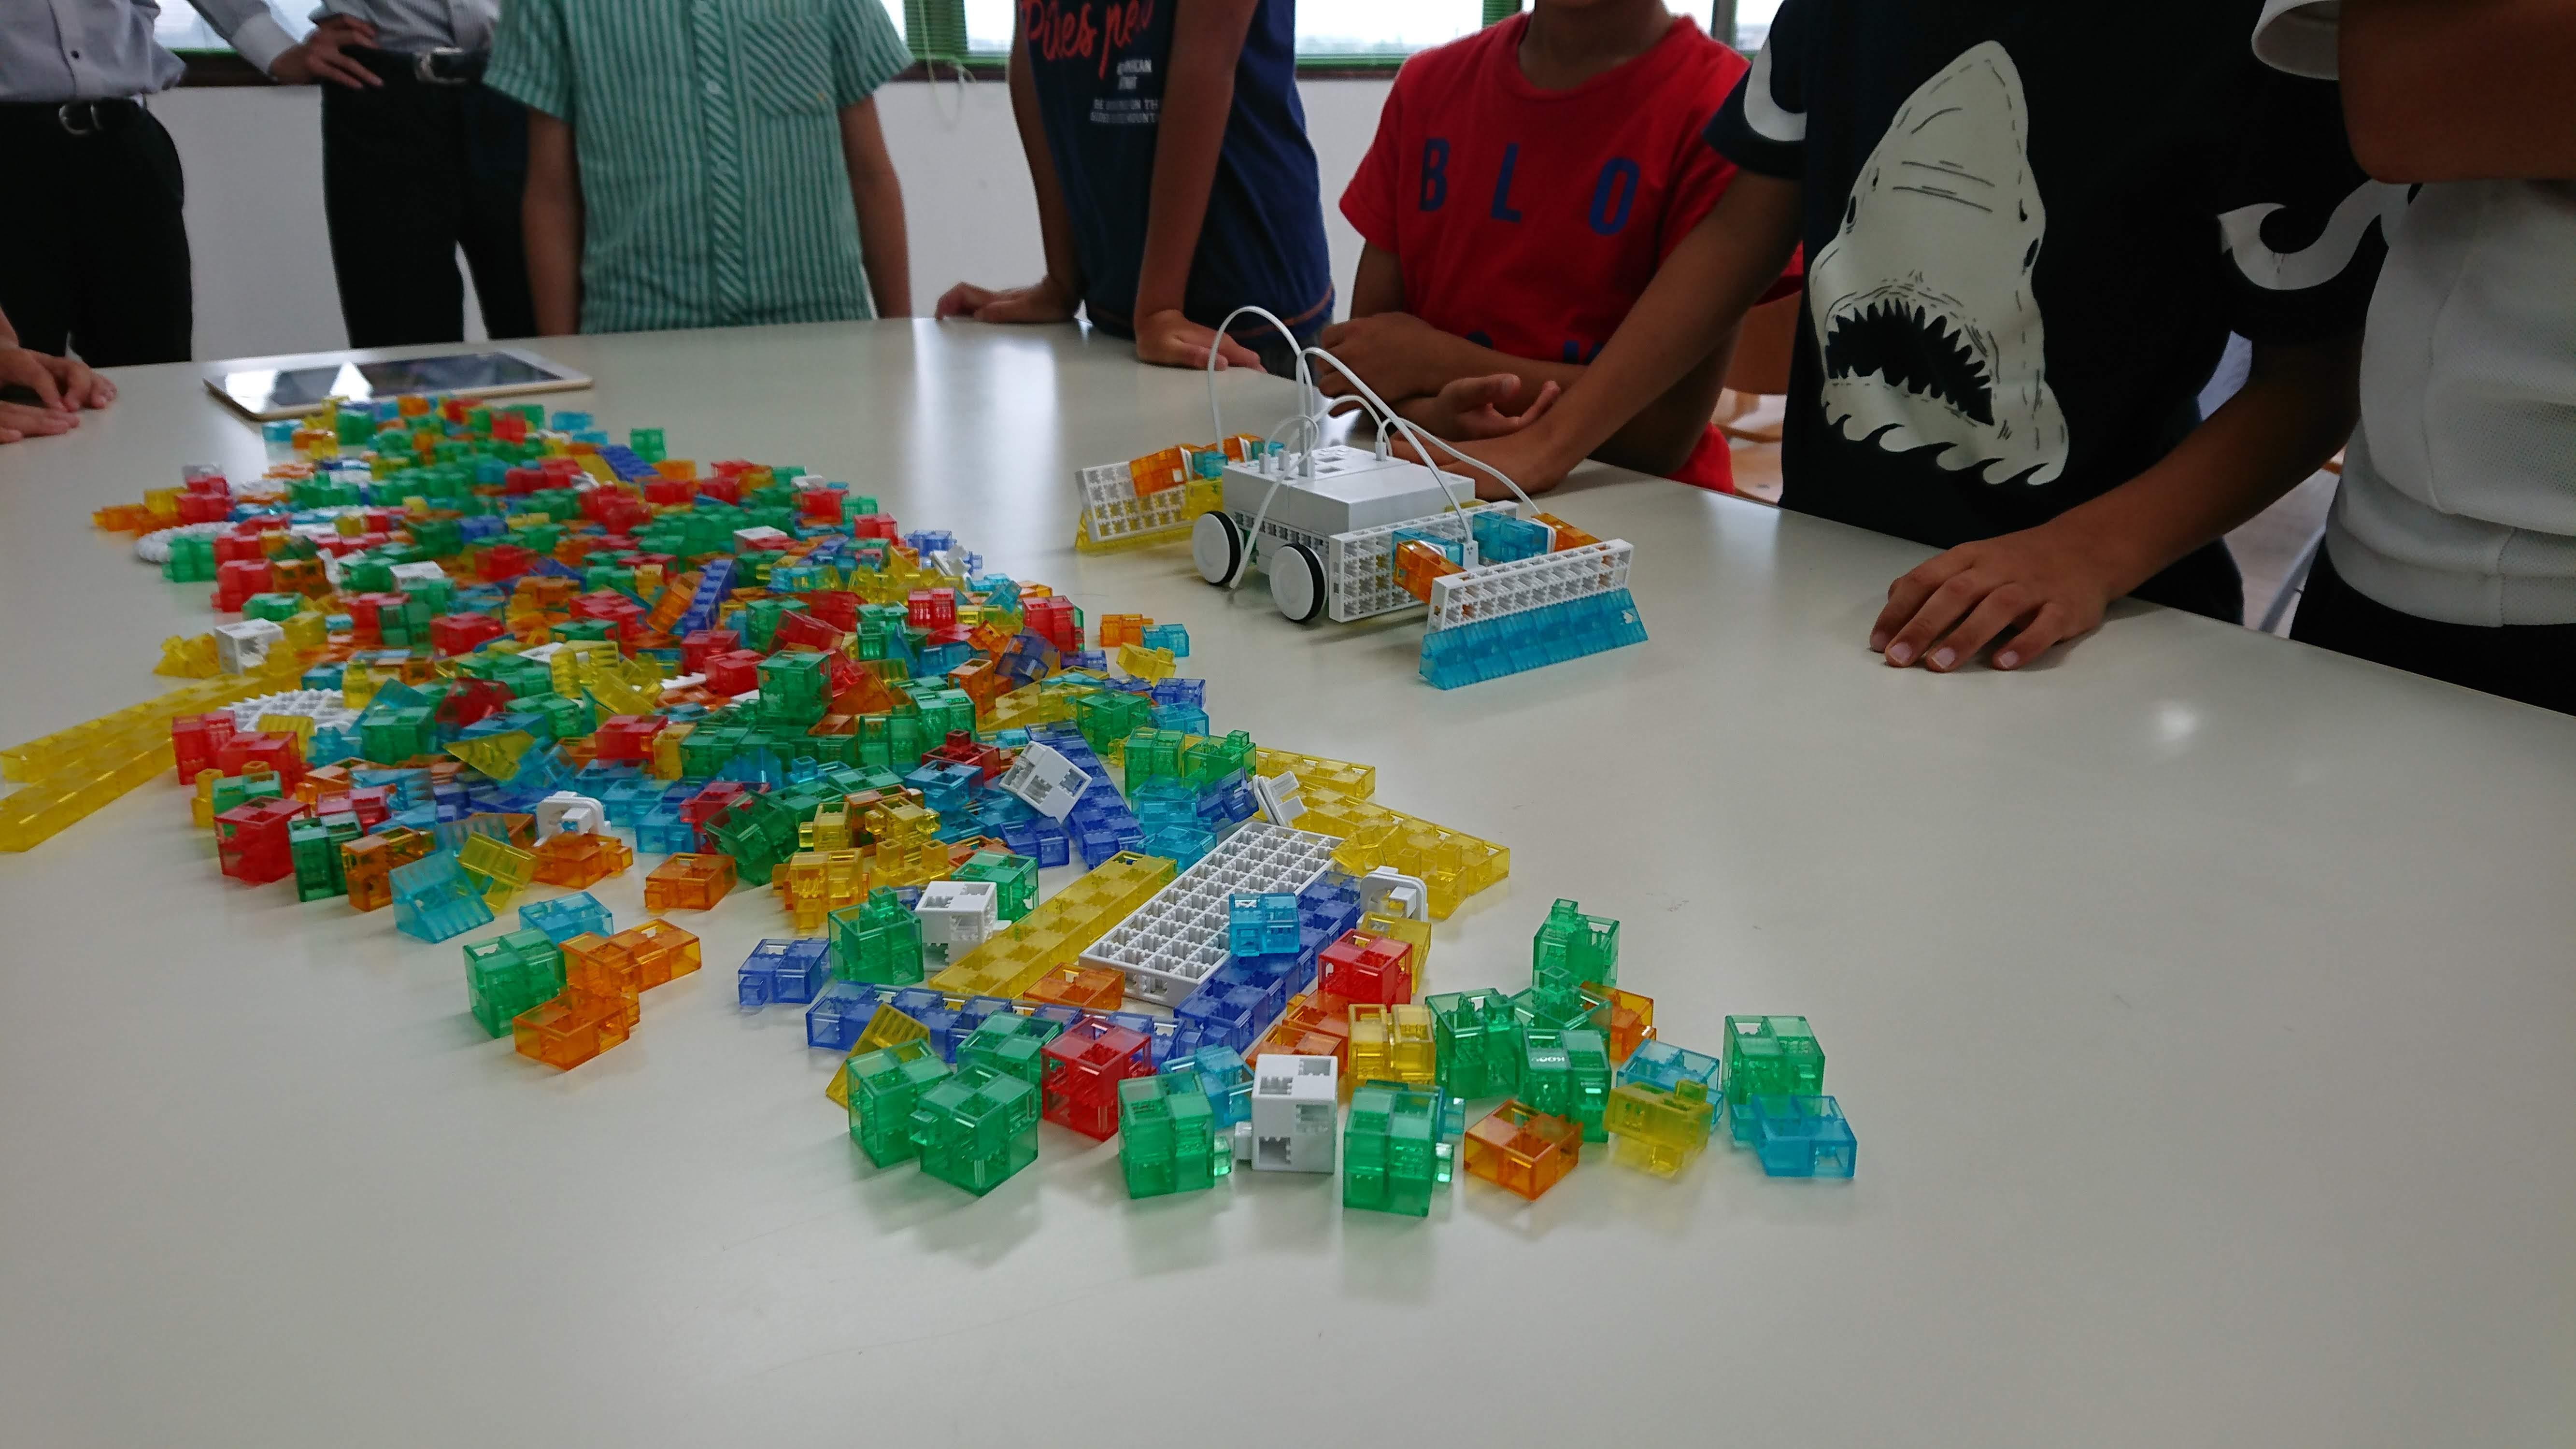 【イベント実施報告】ロボットプログラミング体験ワークショップを開催しました!